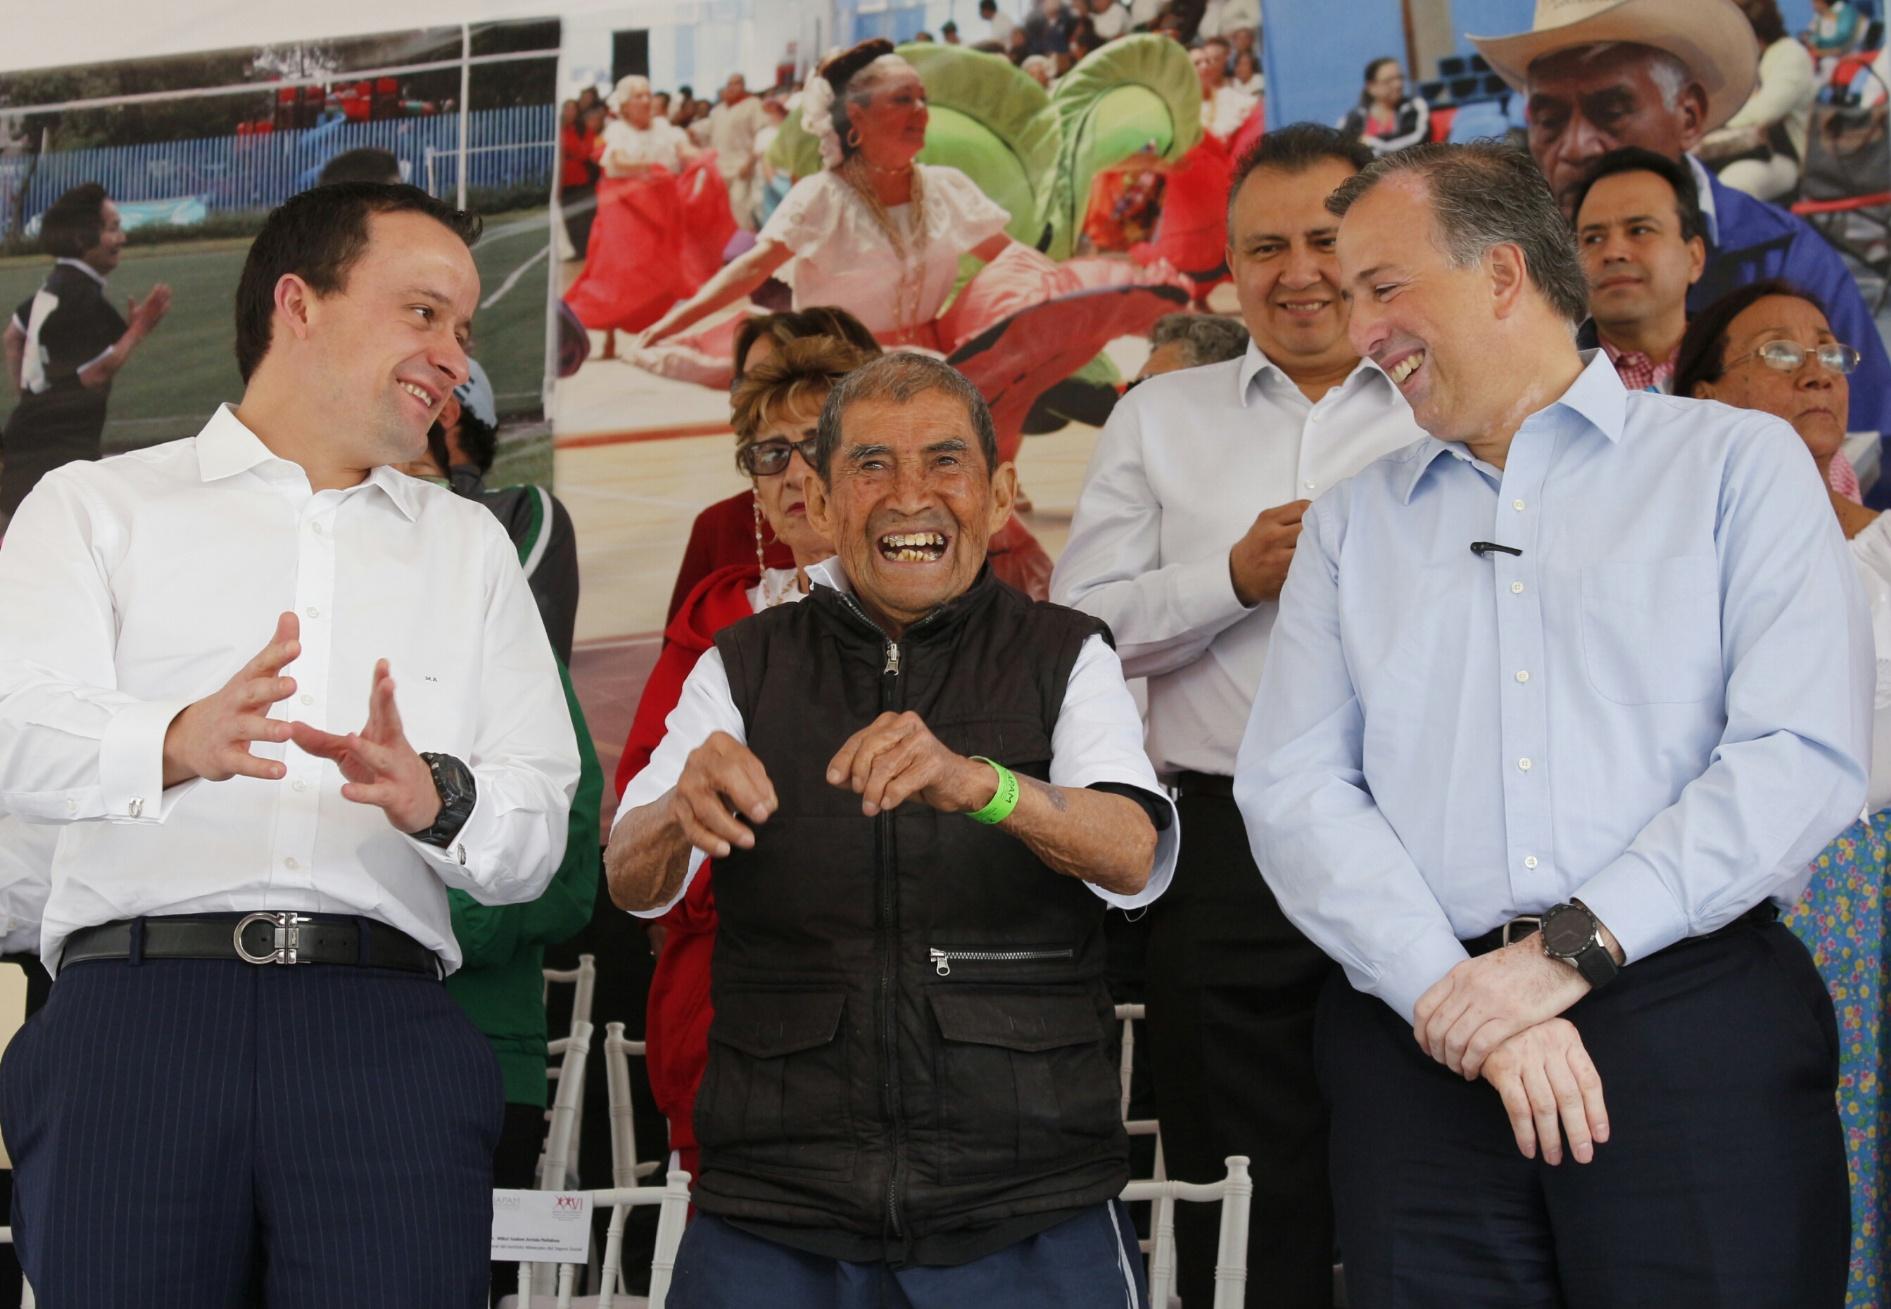 FOTO 2 Inauguraci n de los XXVI Juegos Nacionales Deportivos y Culturales de las Personas Adultas Mayoresjpg